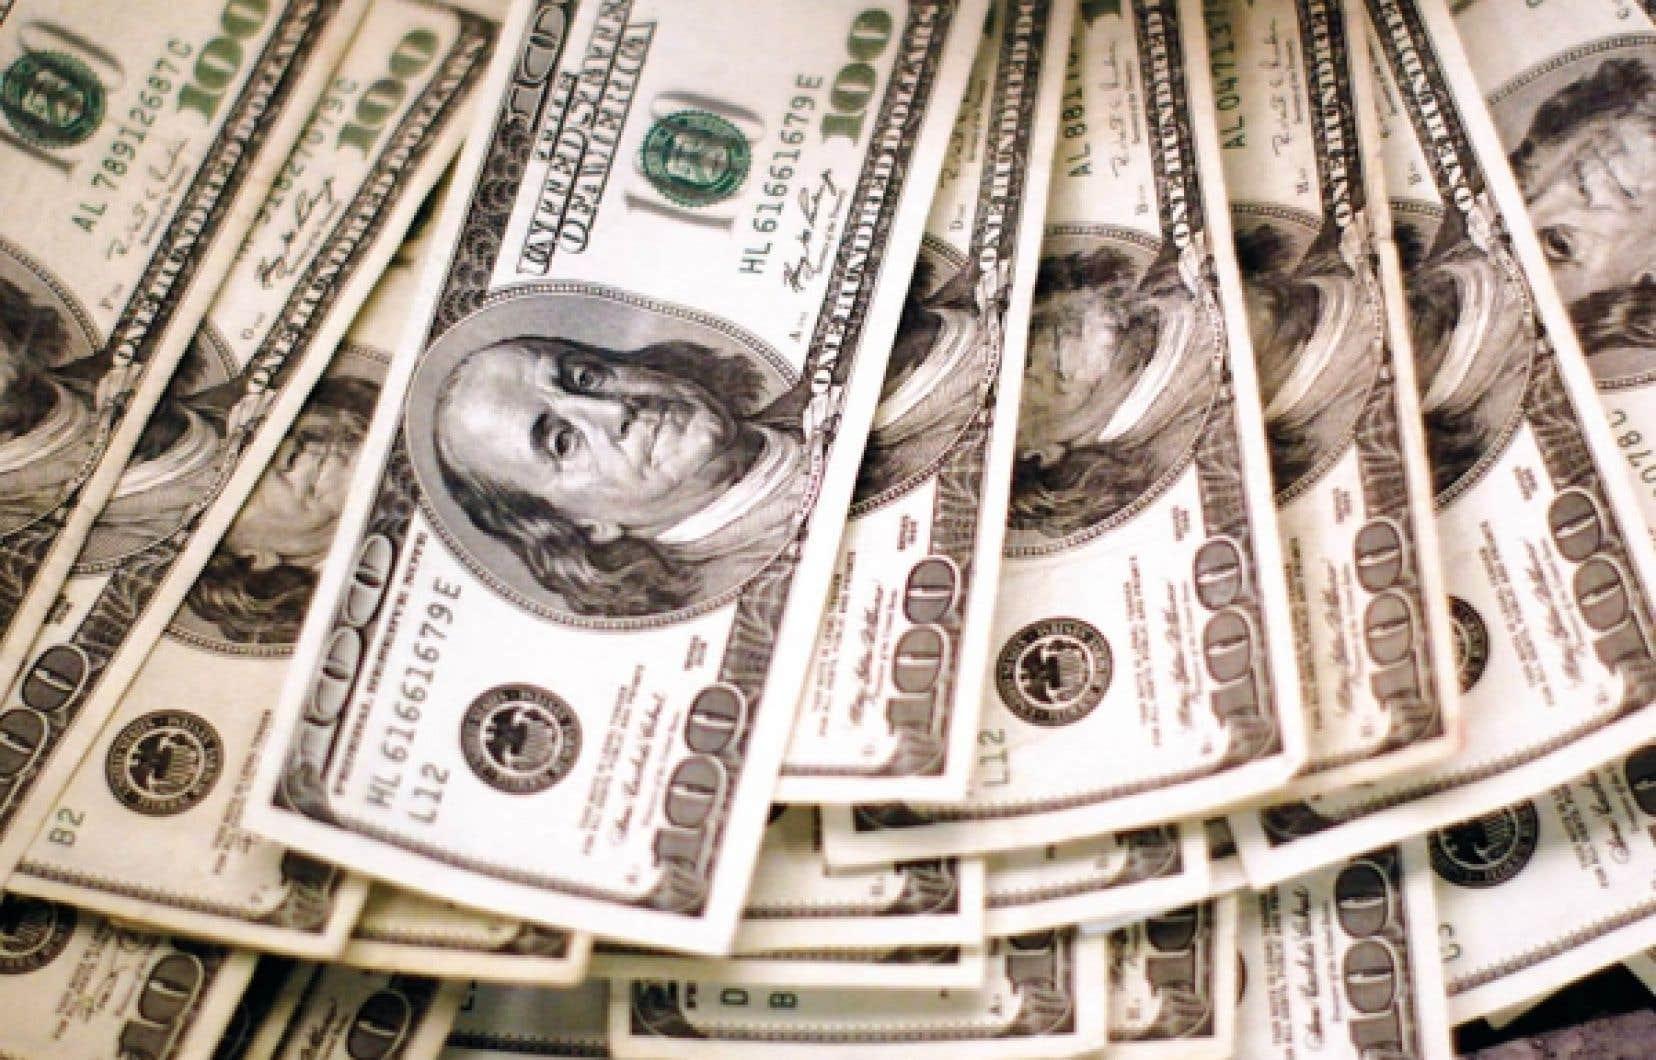 Jusqu&#39;ici, la Fed a acquis pour environ 1700 milliards en obligations, notamment pour compenser le fait de ne plus pouvoir utiliser son taux directeur pour stimuler l&#39;&eacute;conomie et &eacute;viter la d&eacute;sinflation.<br />